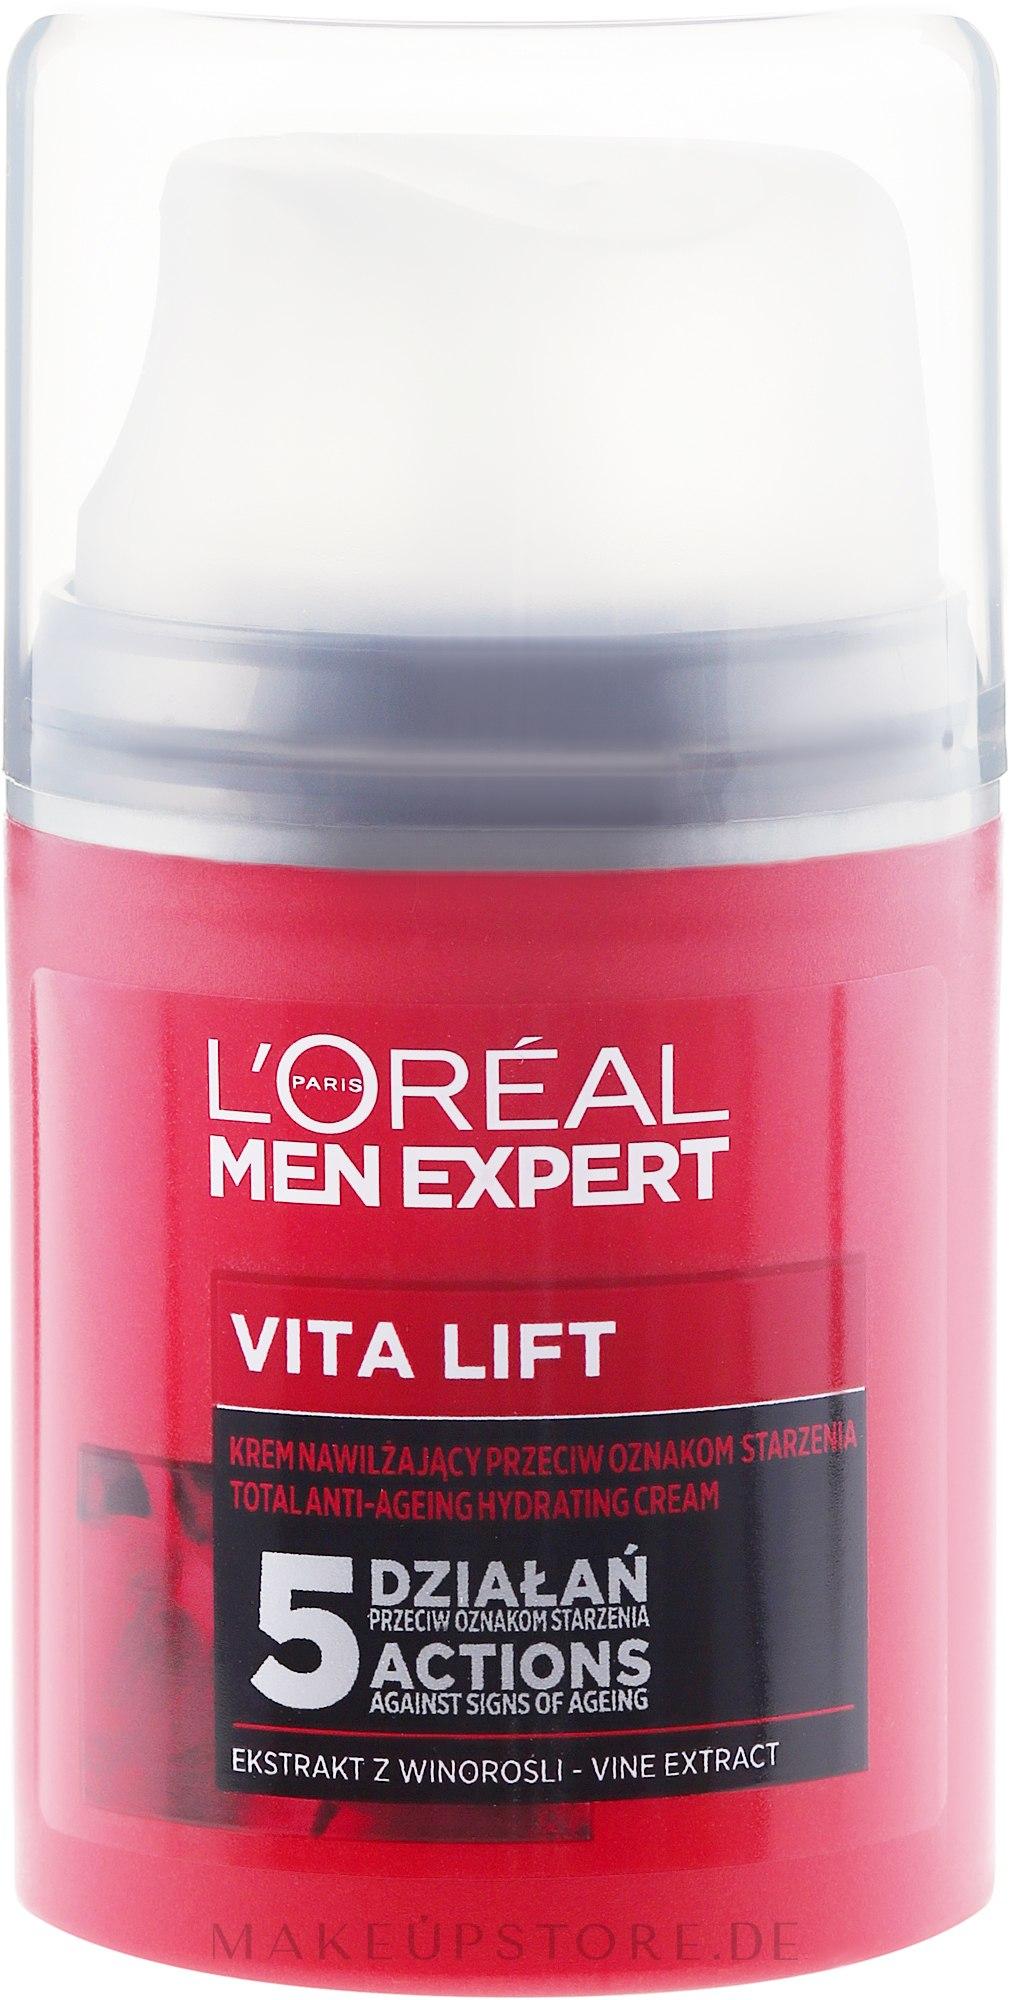 Feuchtigkeitsspendende Anti-Aging-Creme für Männer - L